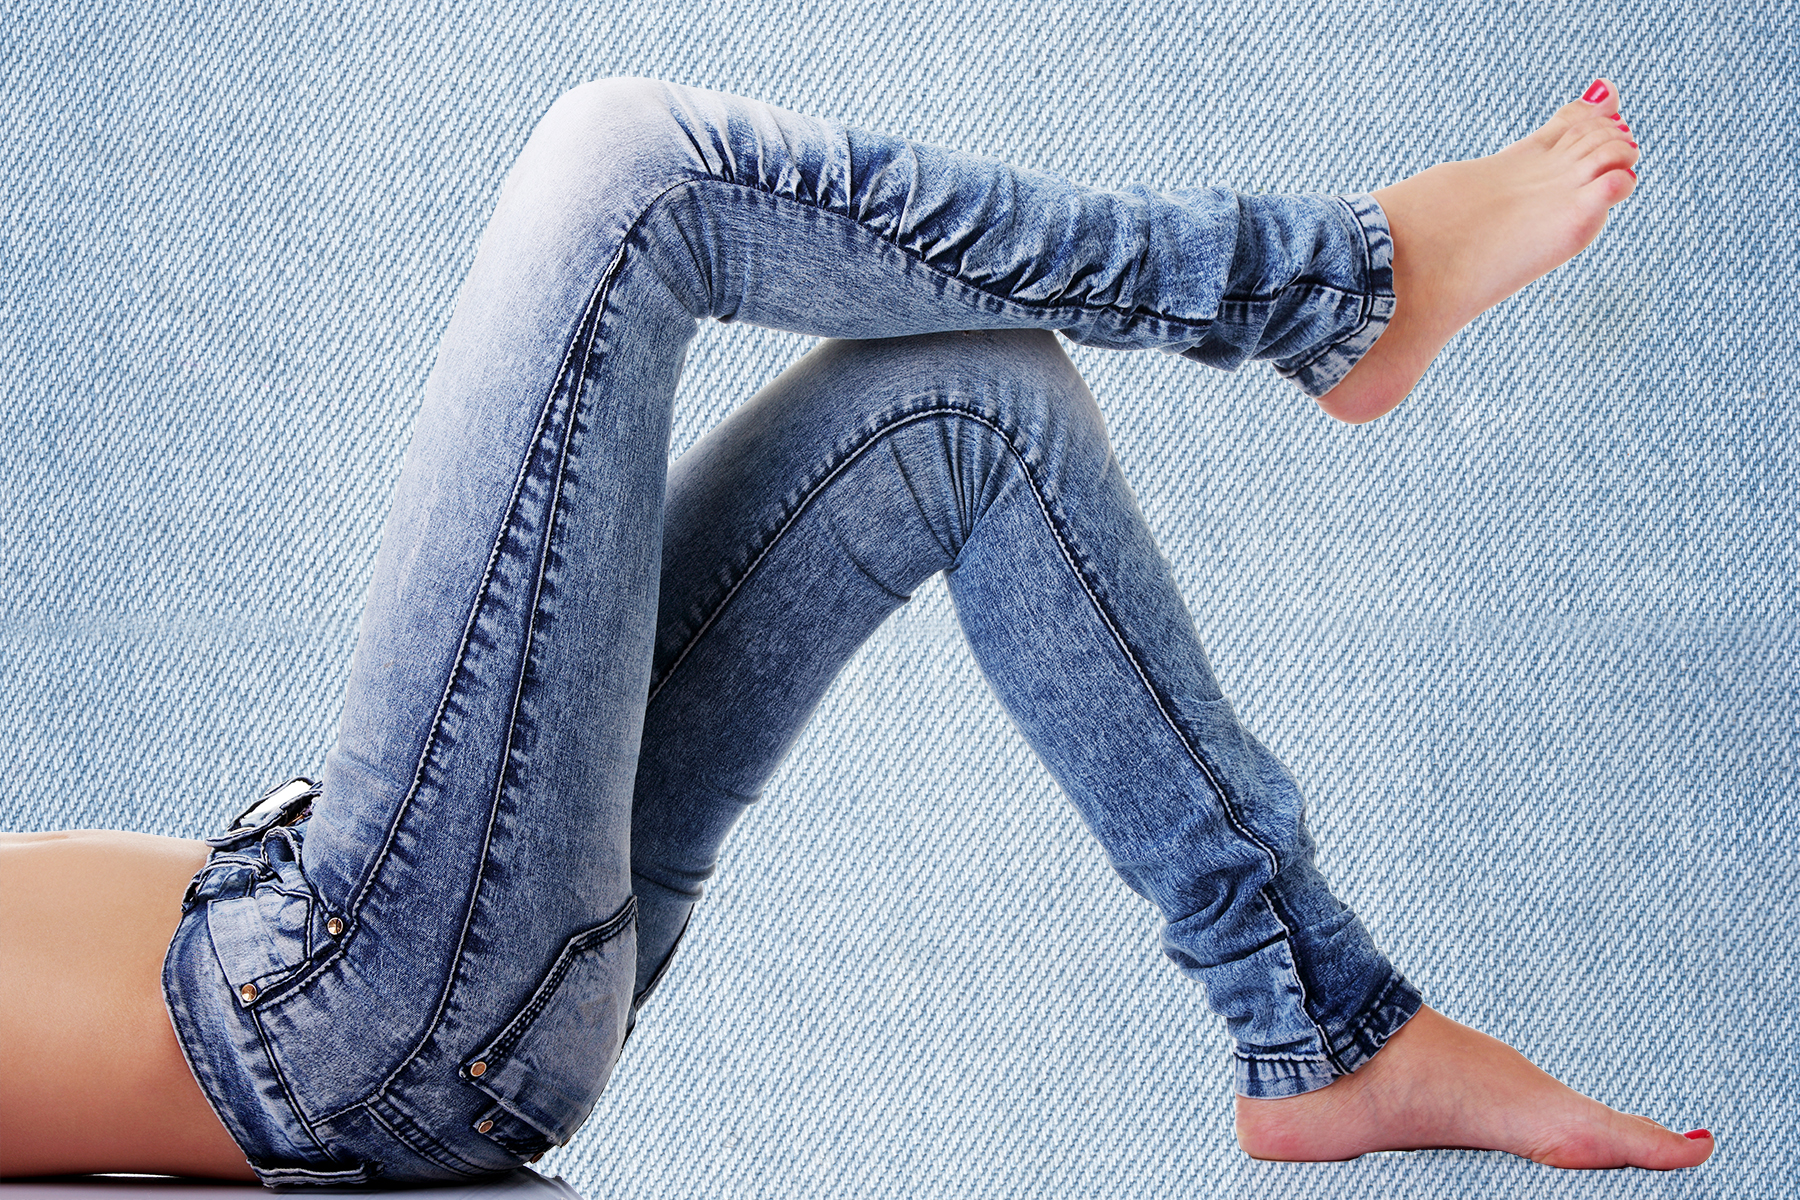 206252afe6b Chcete opravdu dokonalé džíny na míru  Žádný problém!